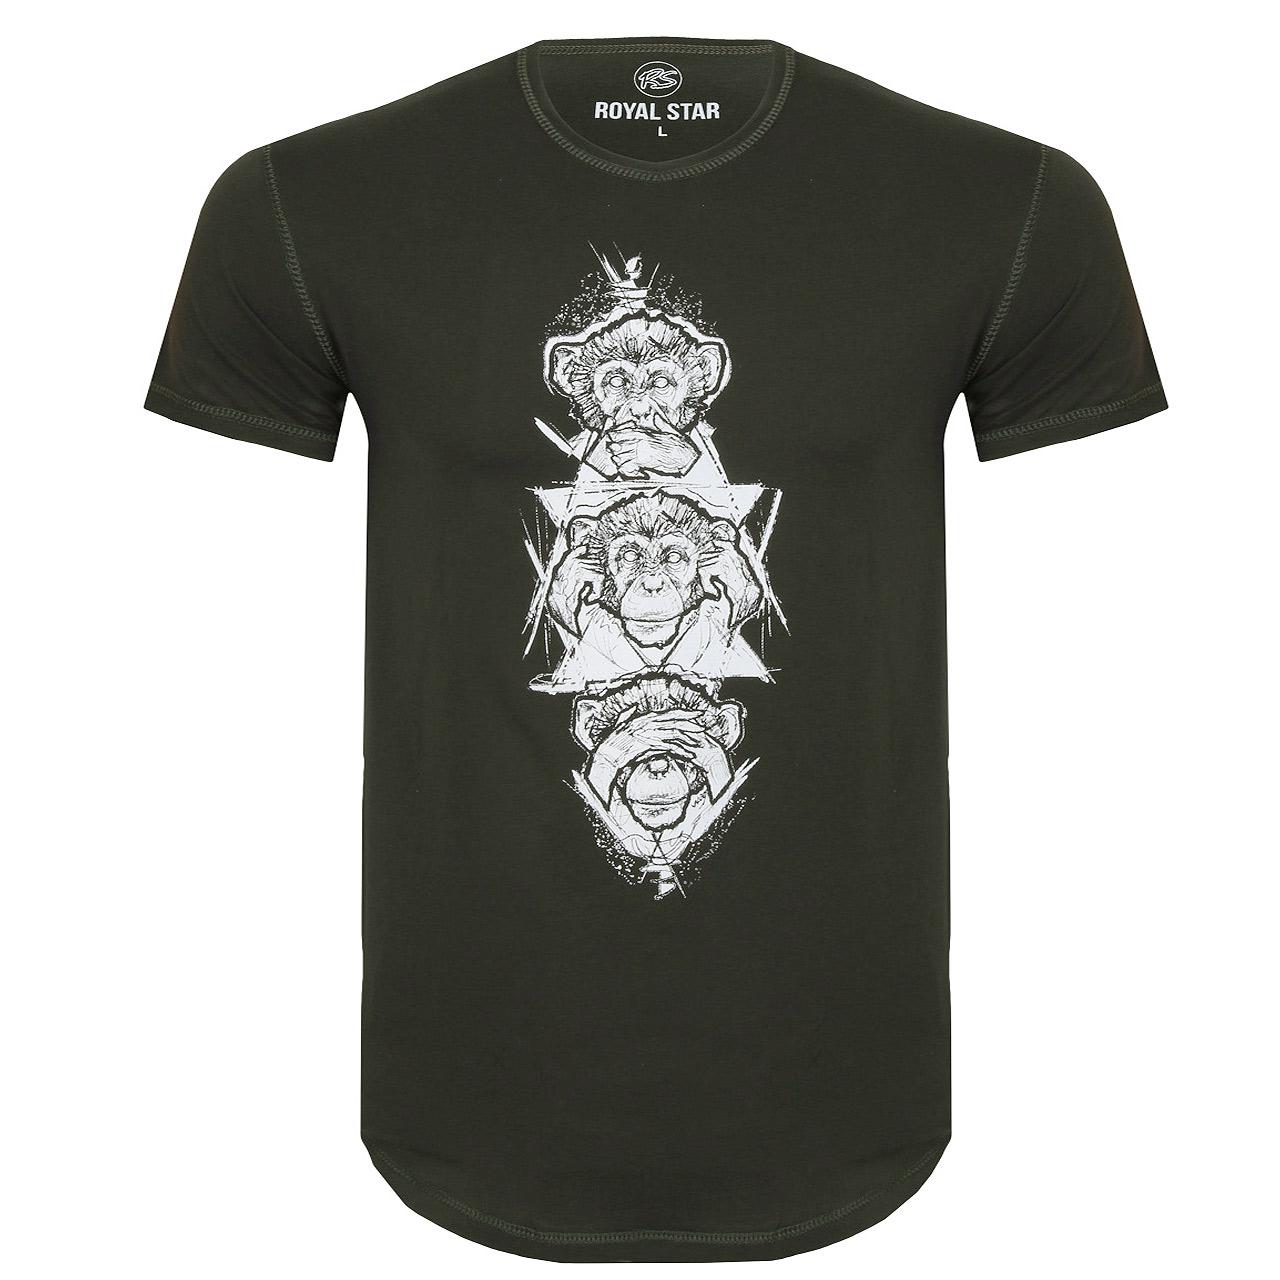 قیمت تیشرت مردانه رویال استار طرح میمون خردمند کد 347001231